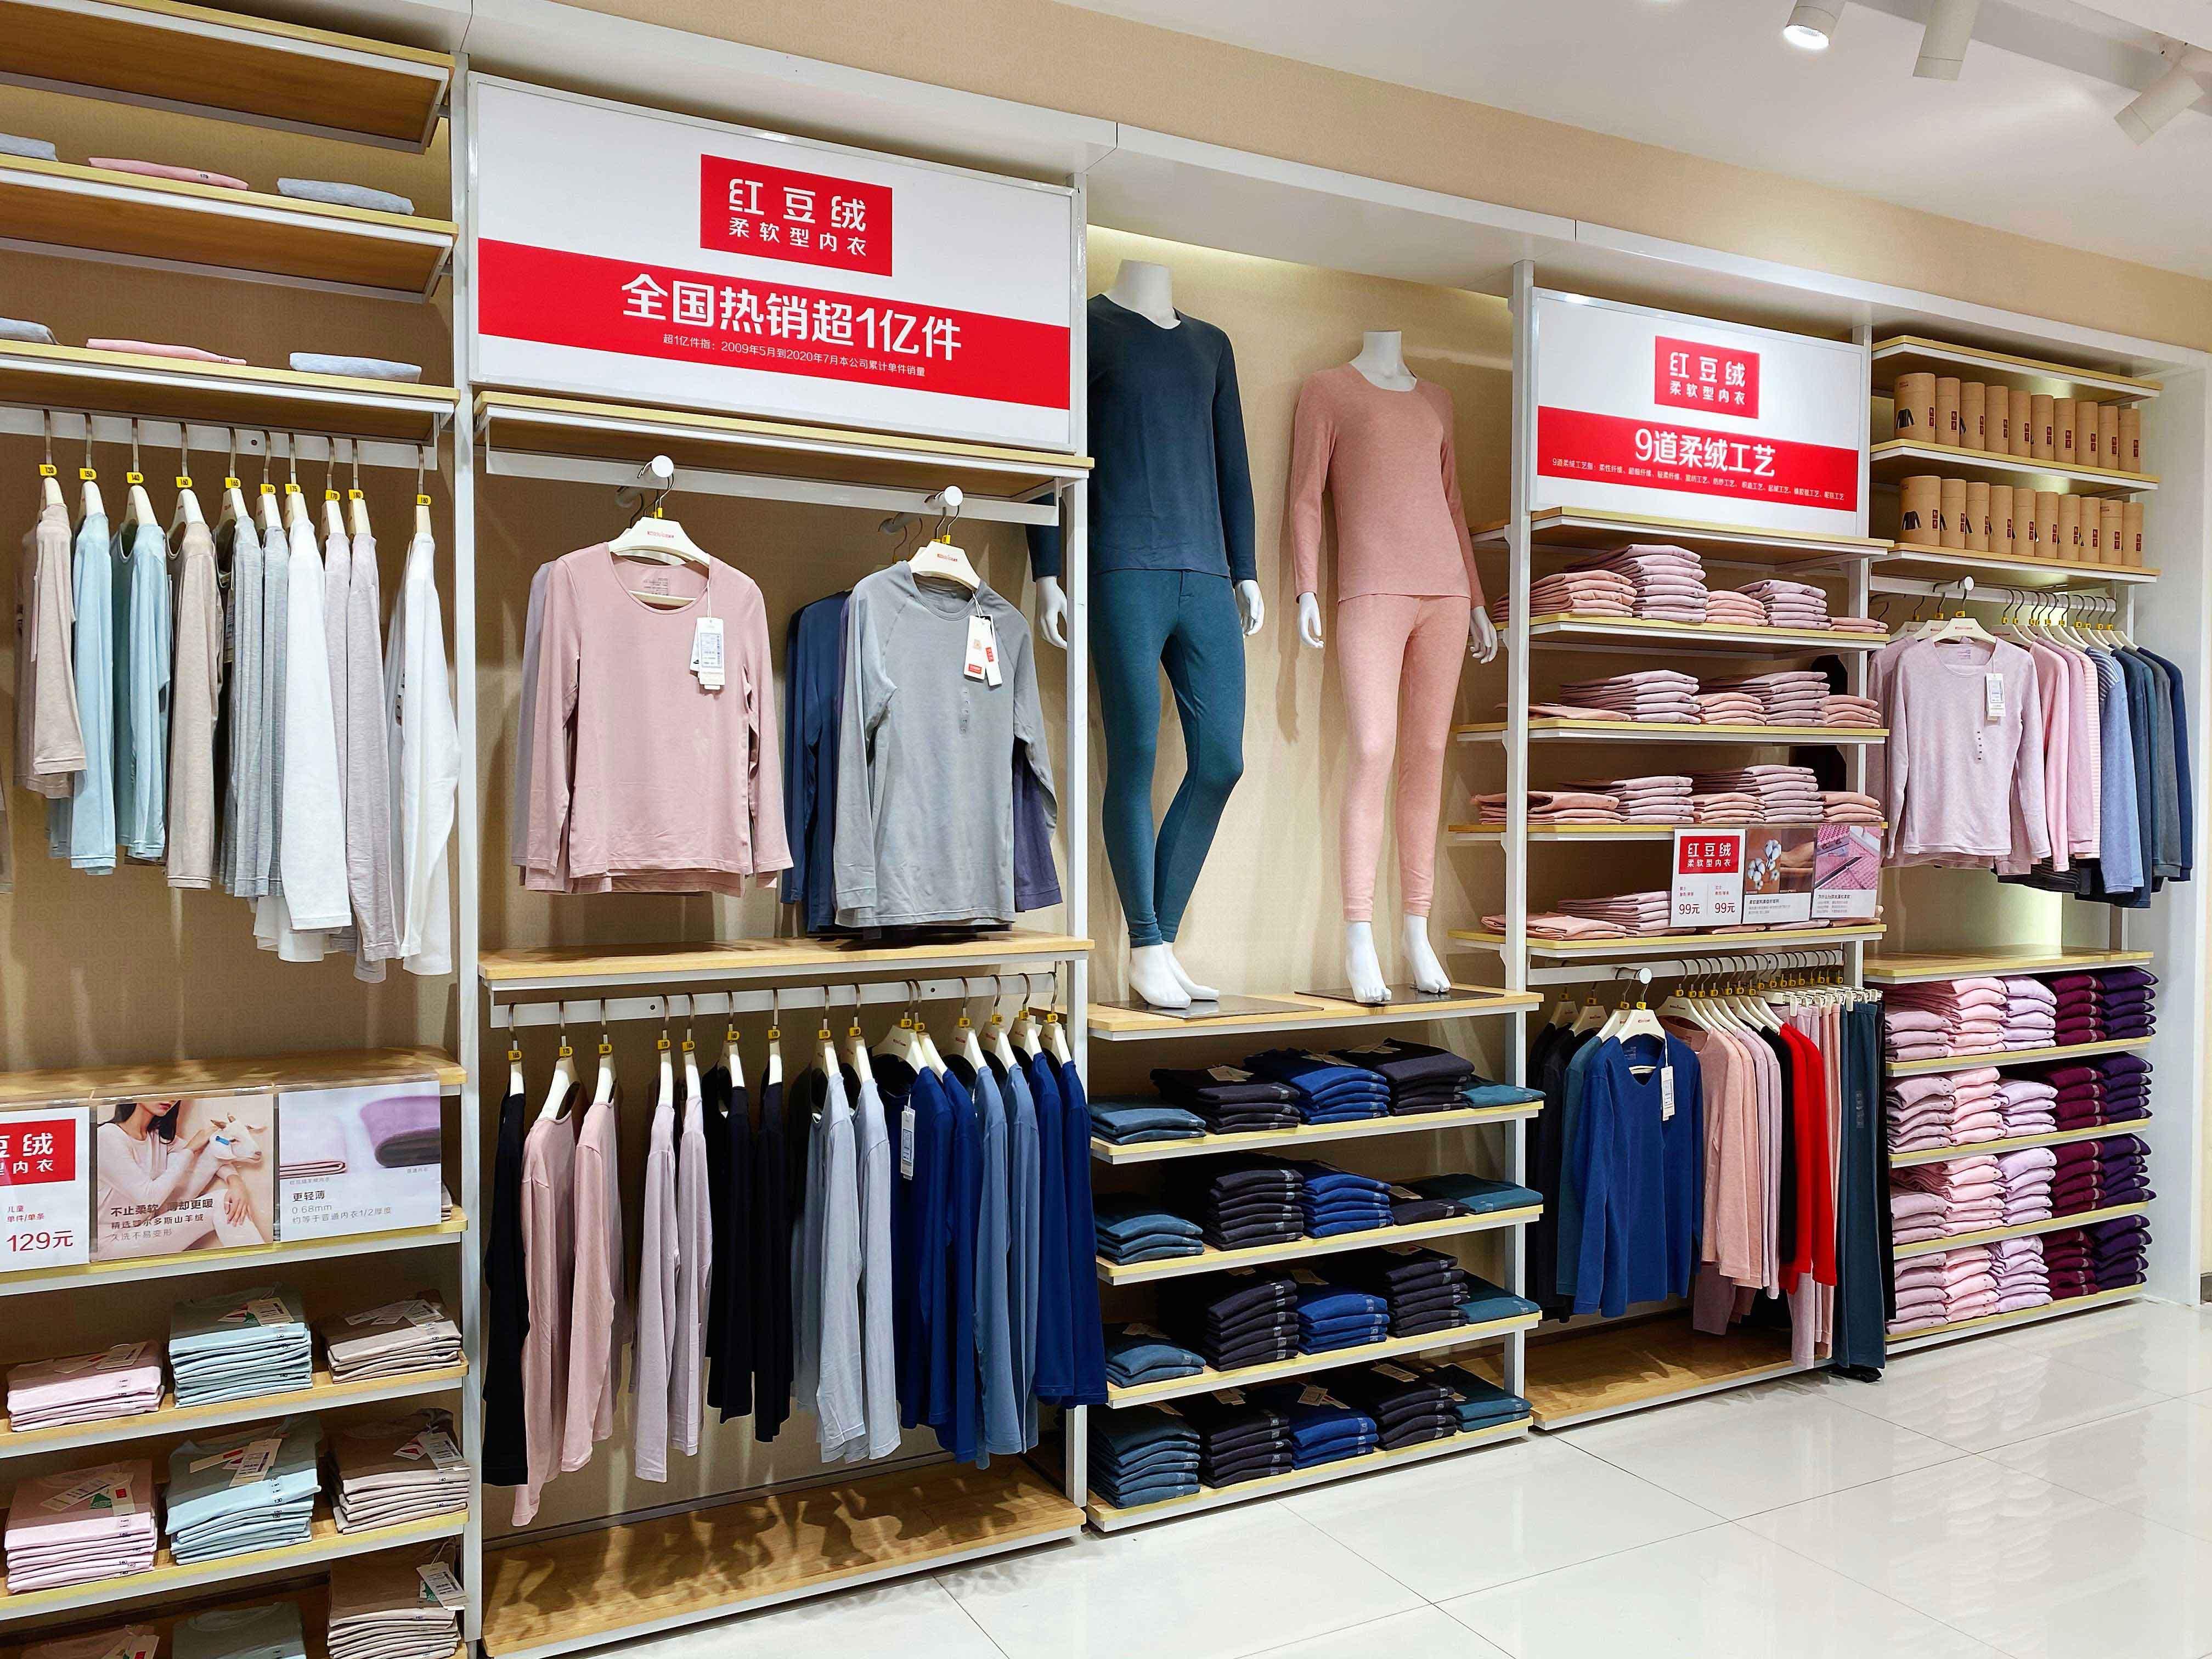 商业评论案例研究:探访科学家精神的周文江总,逆势增长科技创新服装品牌——红豆居家